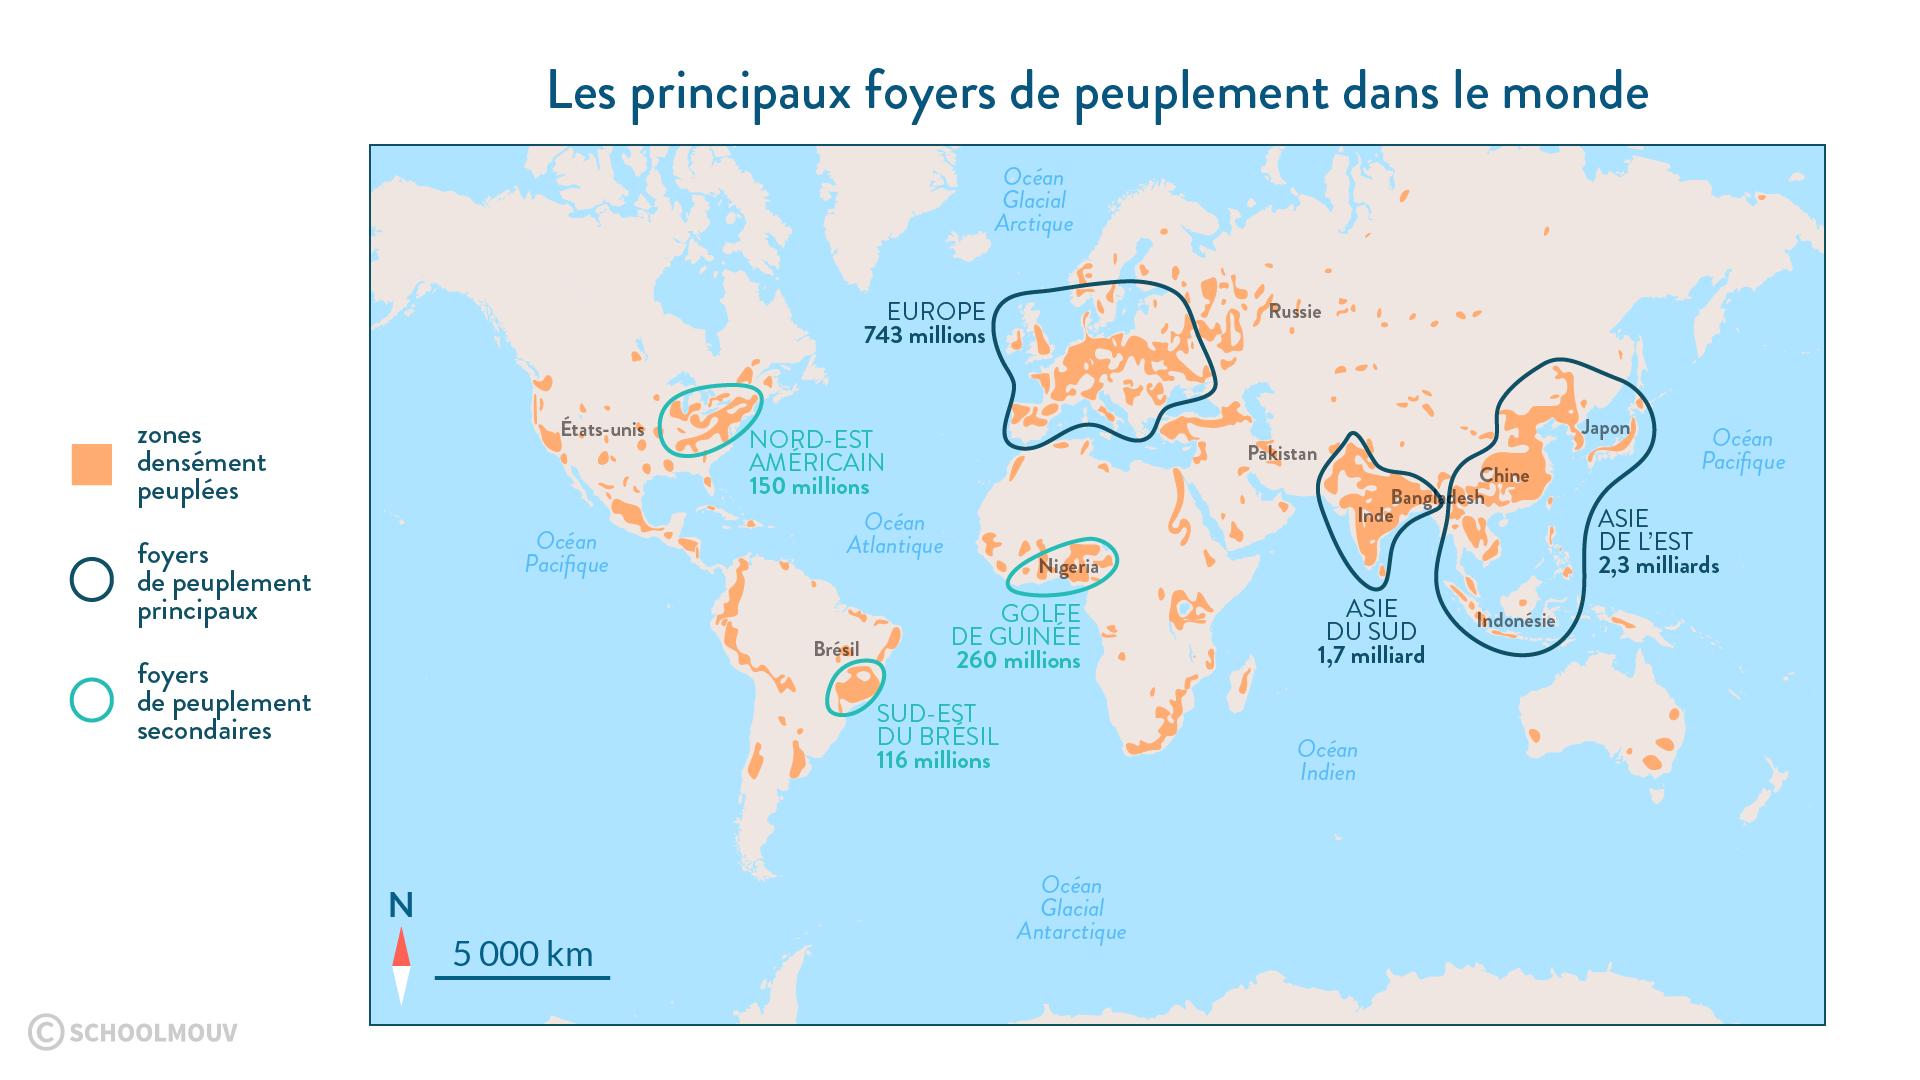 Principux foyers de peuplement dans le monde - Géographie - 2de - SchoolMouv